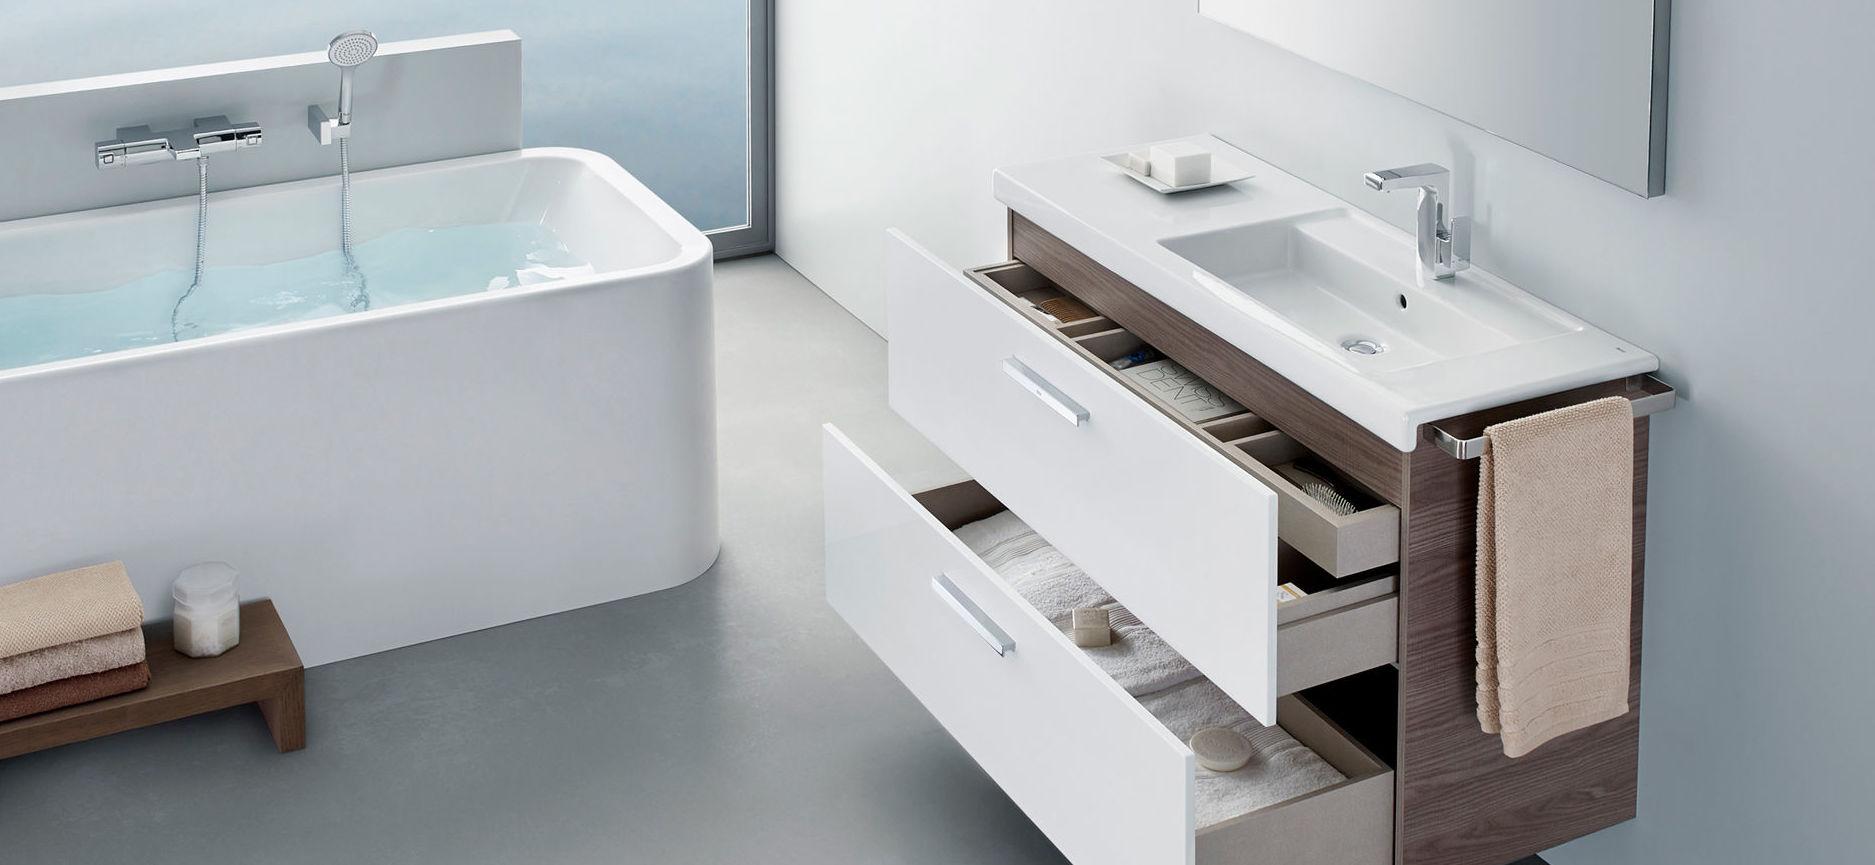 Foto 24 de Muebles de baño y cocina en Madrid | Atrezzo Cocina y Baño